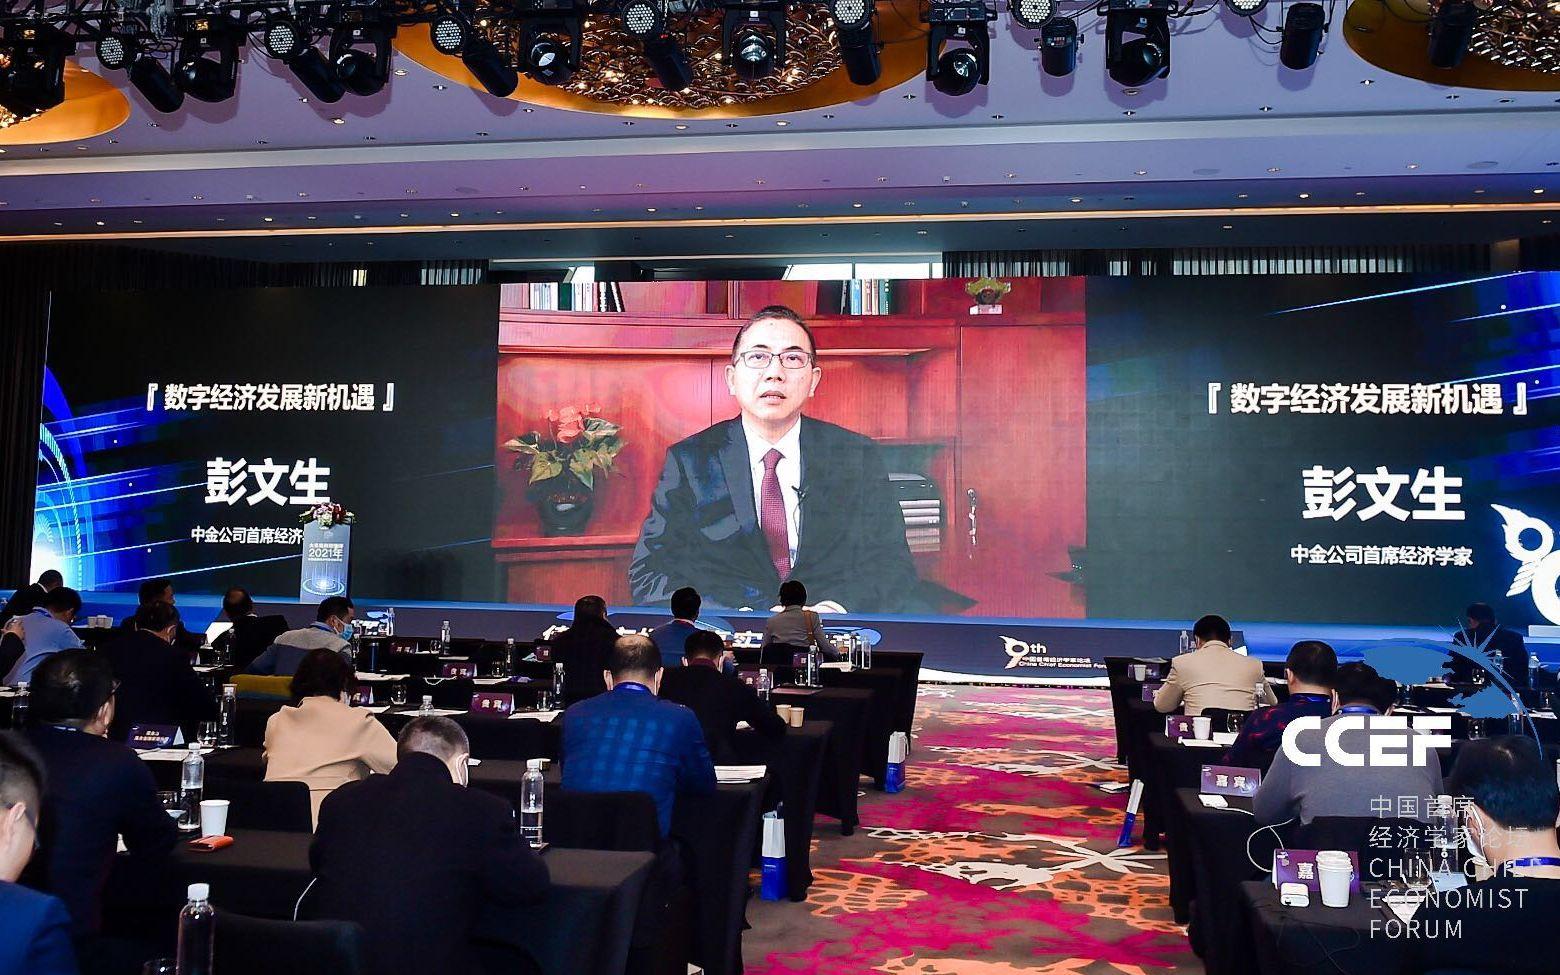 彭文生:数字经济可能使服务贸易占比提升 未来经济发展更重服务